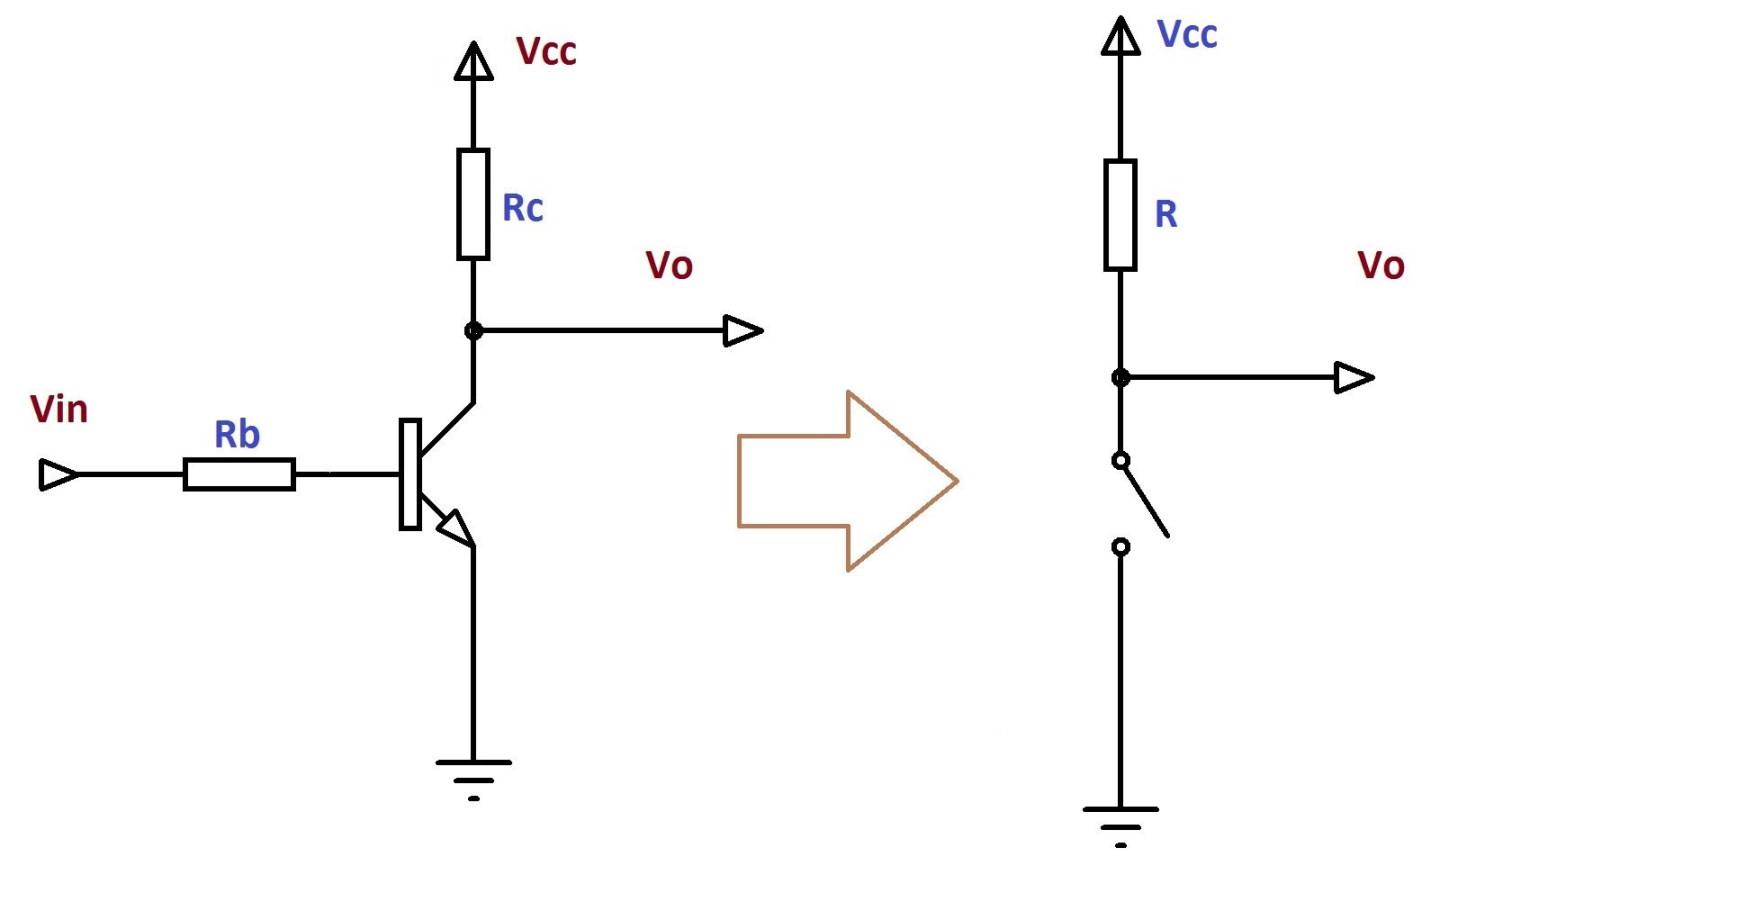 کلید ترانزیستوری — از صفر تا صد